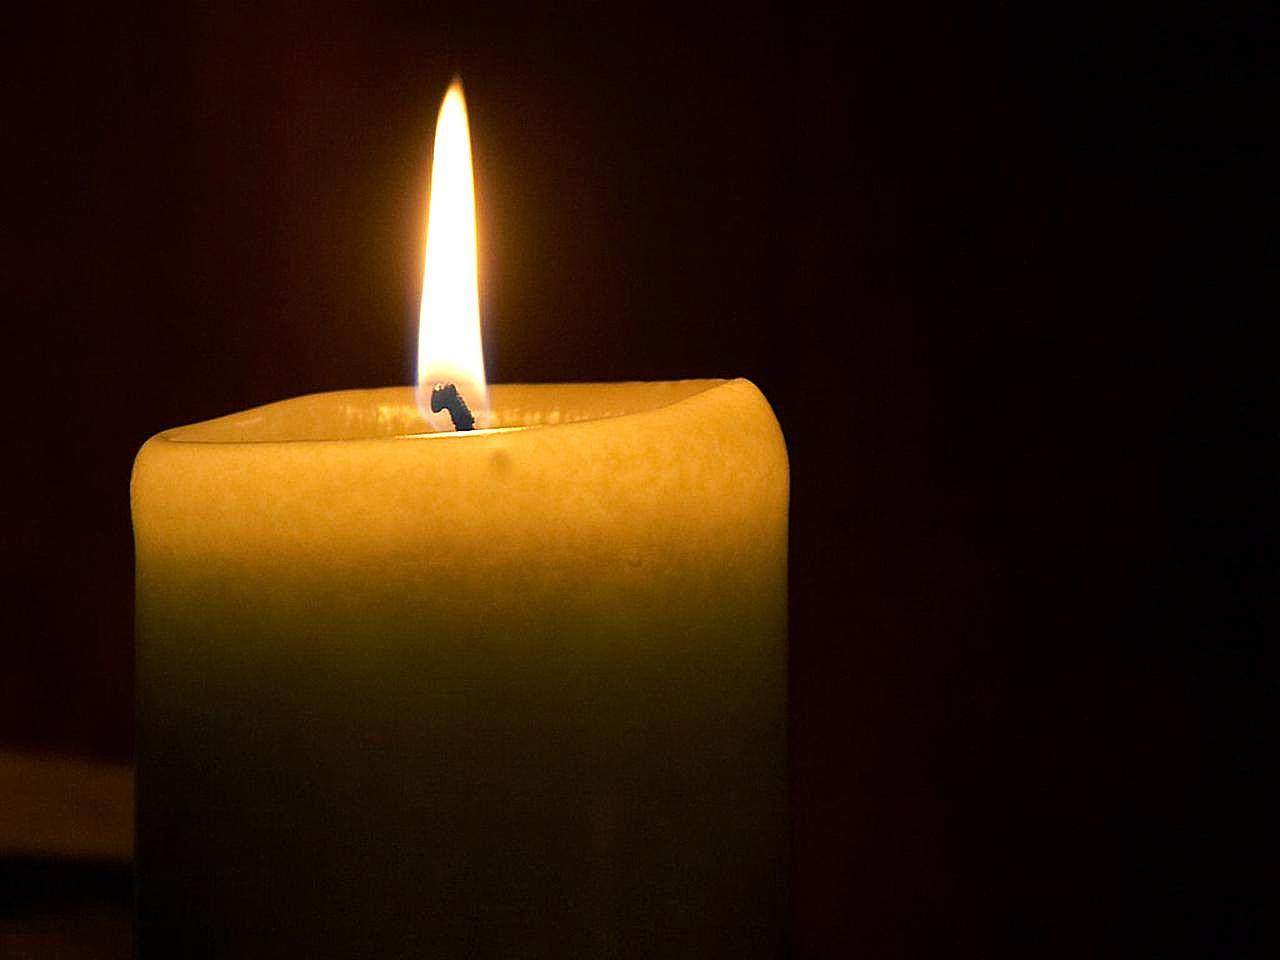 Candle_flame_(1).jpg